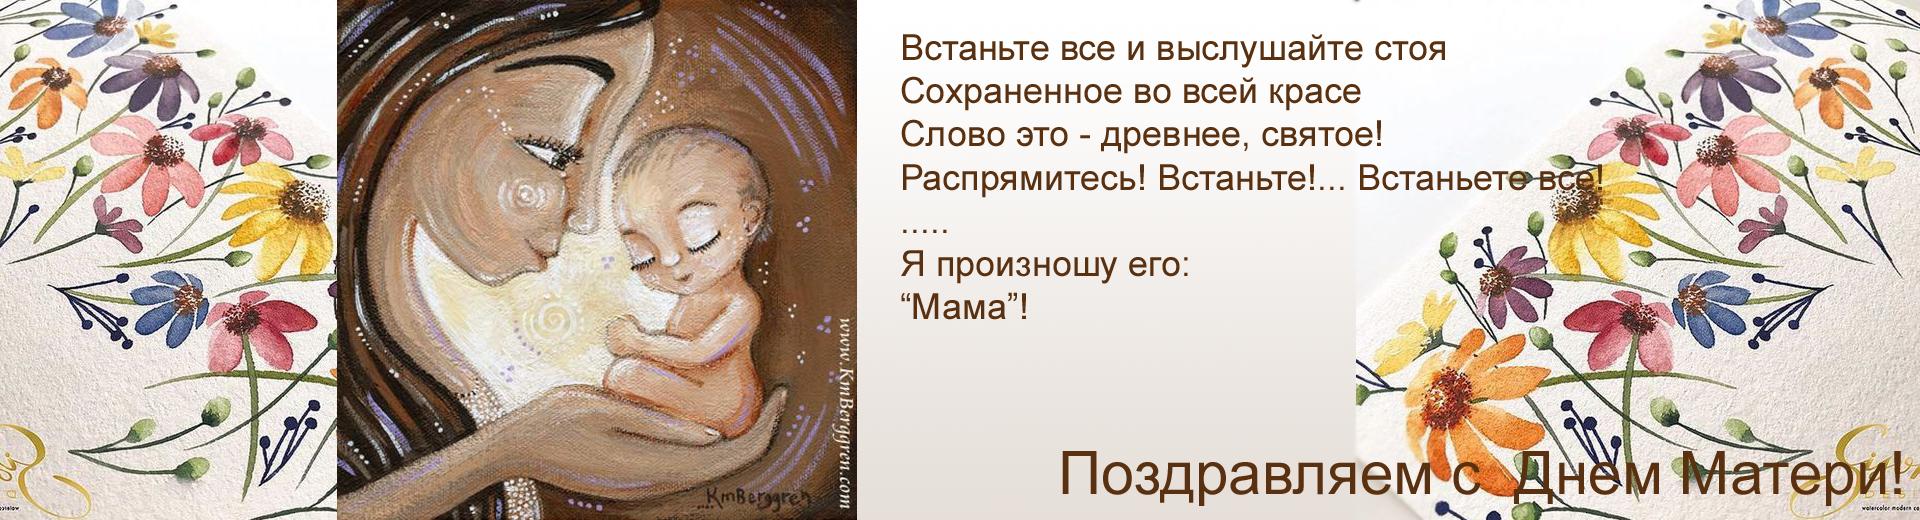 Портал КФУ \ Университет и общество \ Общественные организации \ Профком КФУ